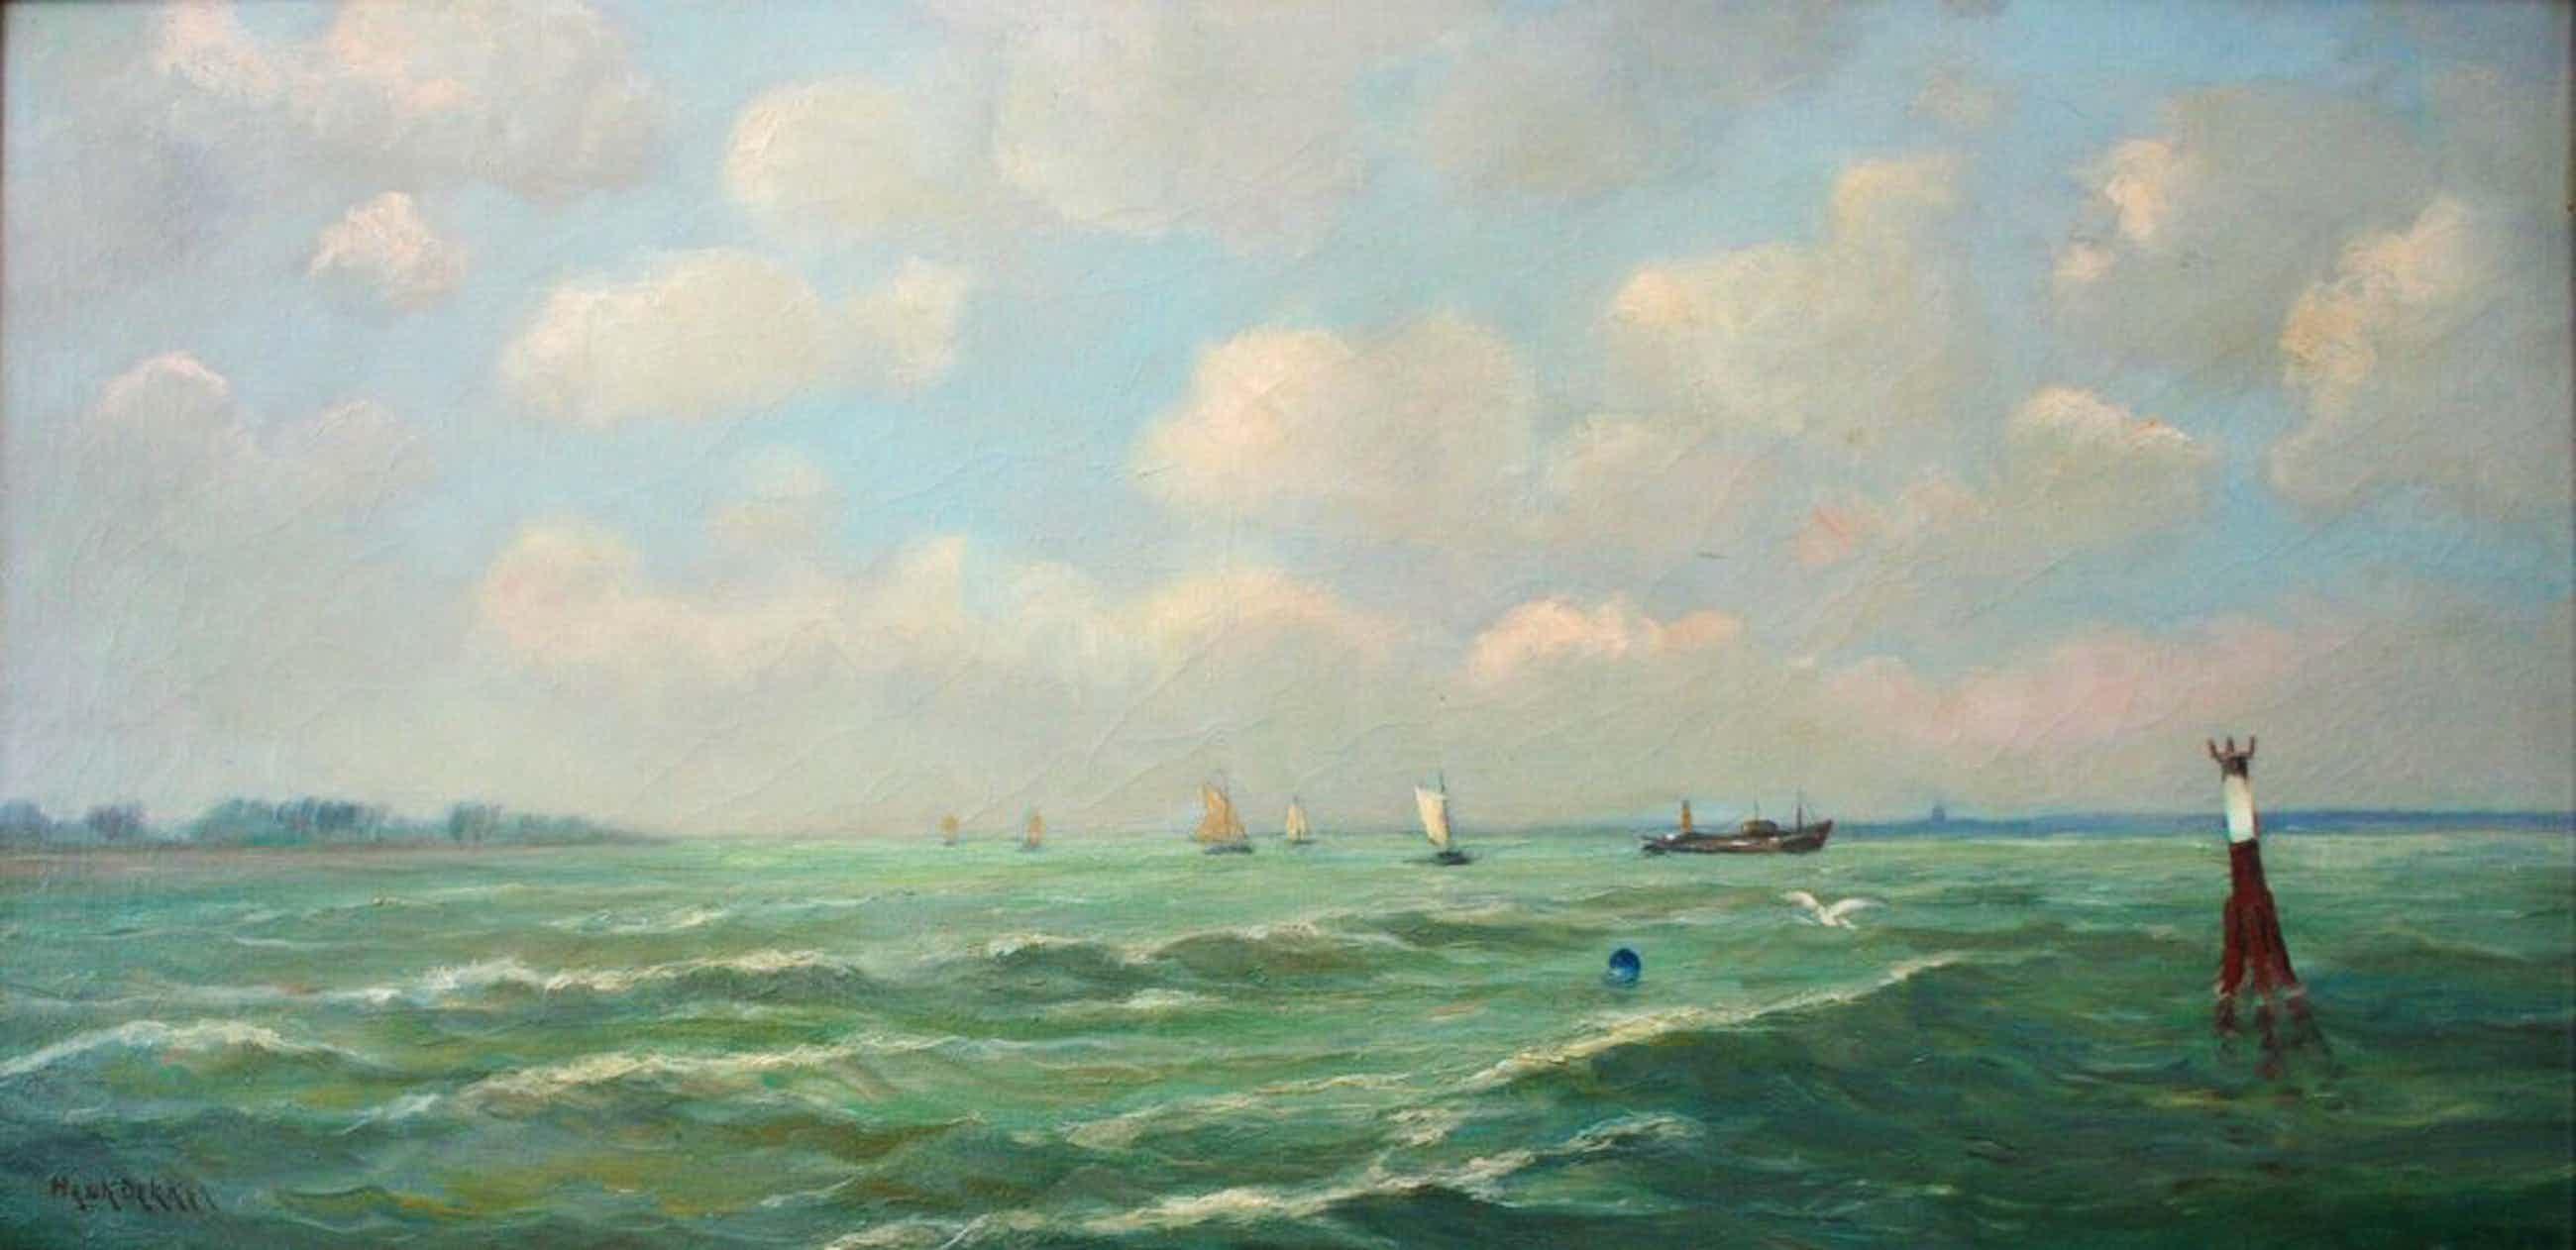 Henk Dekker (1897-1974)  - Olieverf op doek - boten op de Zuiderzee - gesigneerd kopen? Bied vanaf 250!